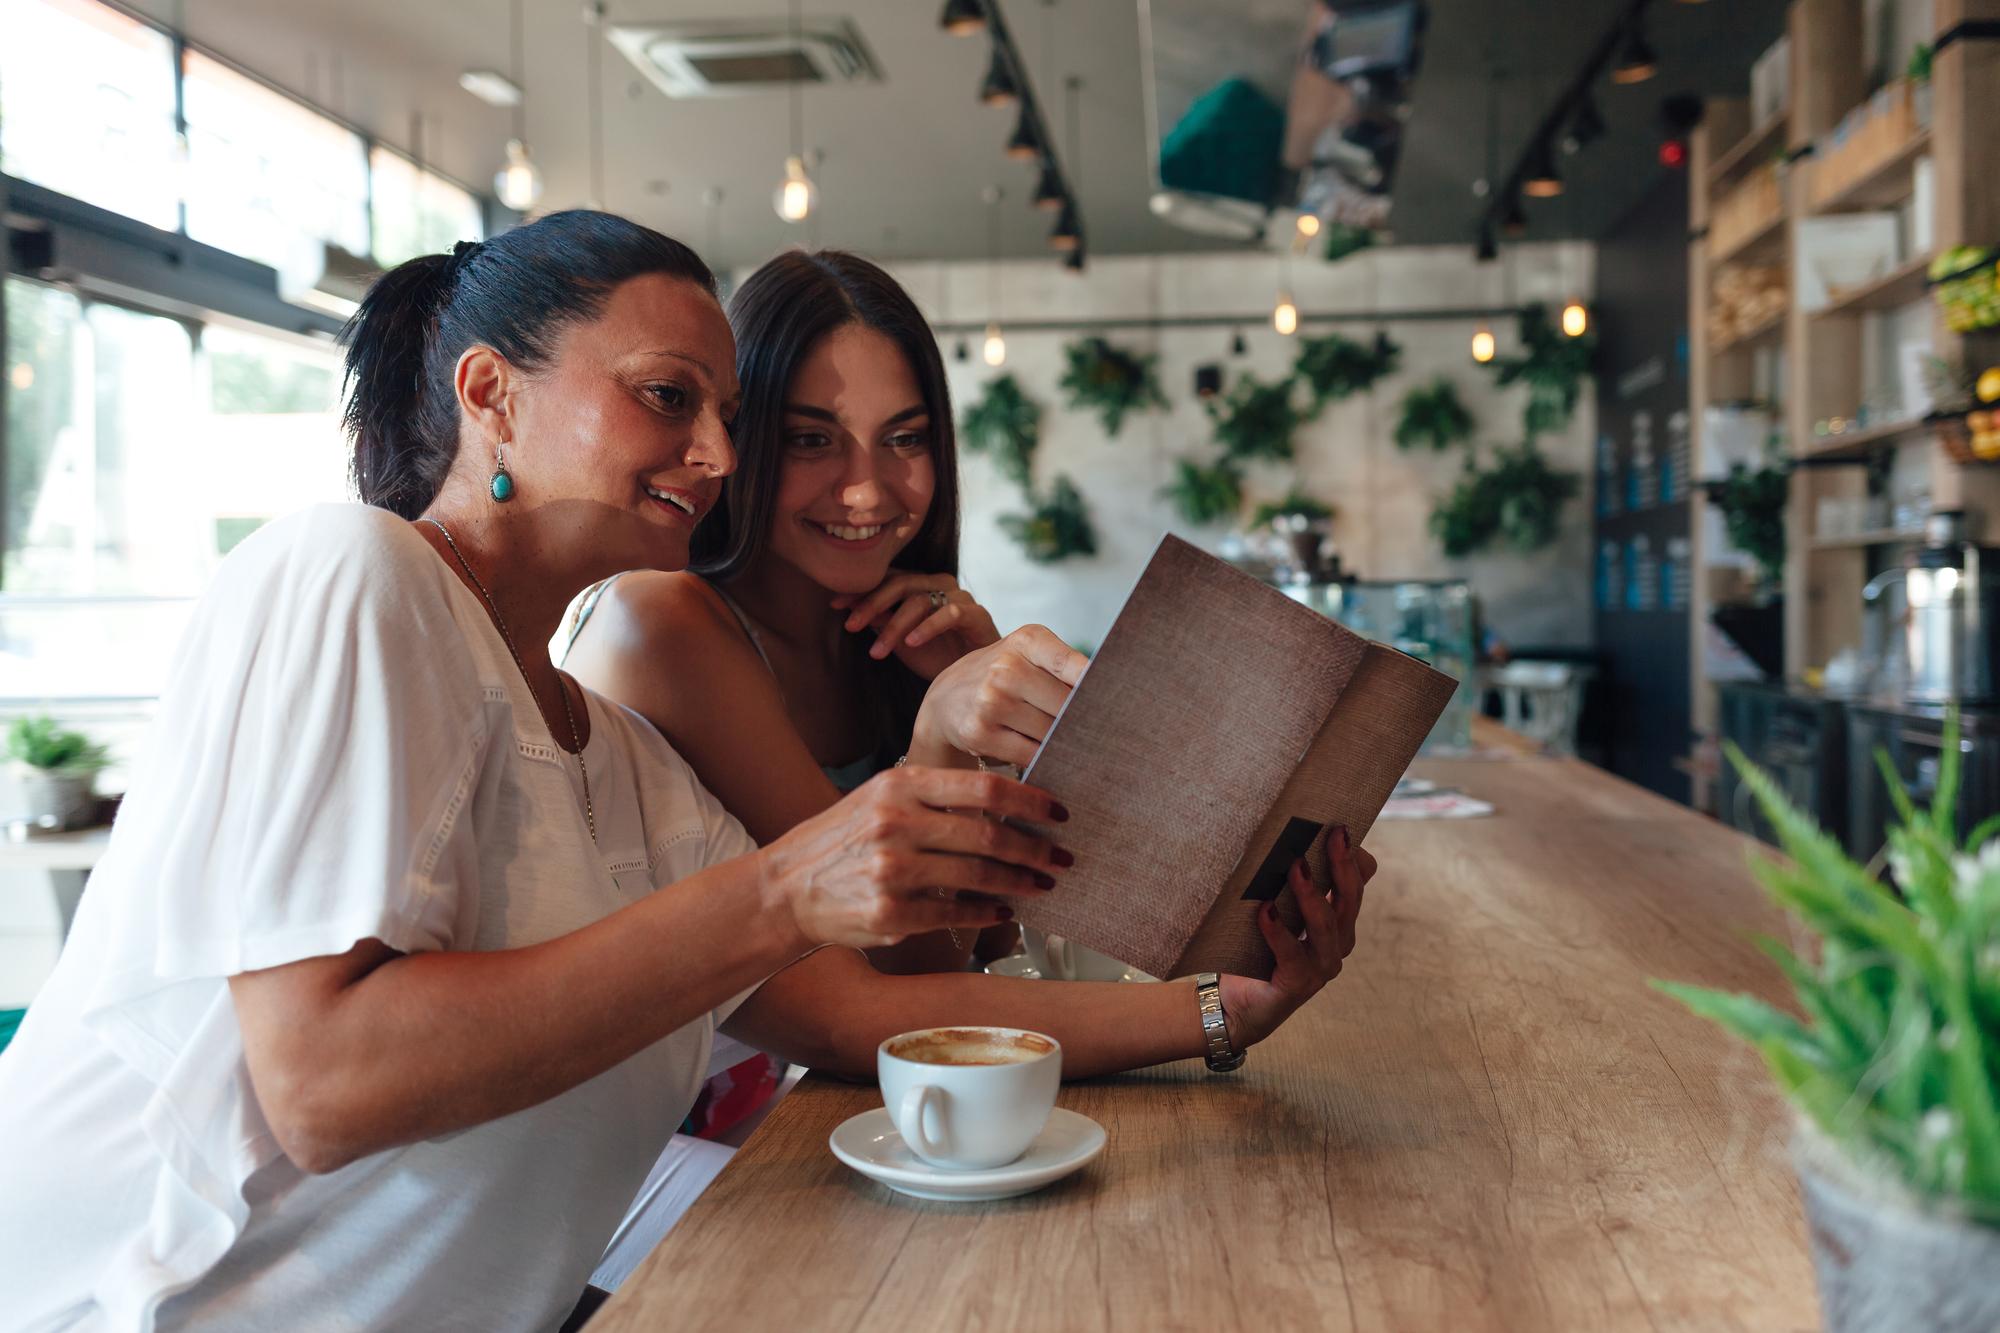 Depositphotos 125221222 l 2015 - Как открыть кофейню в 2018 году: бизнес-план с расчетами